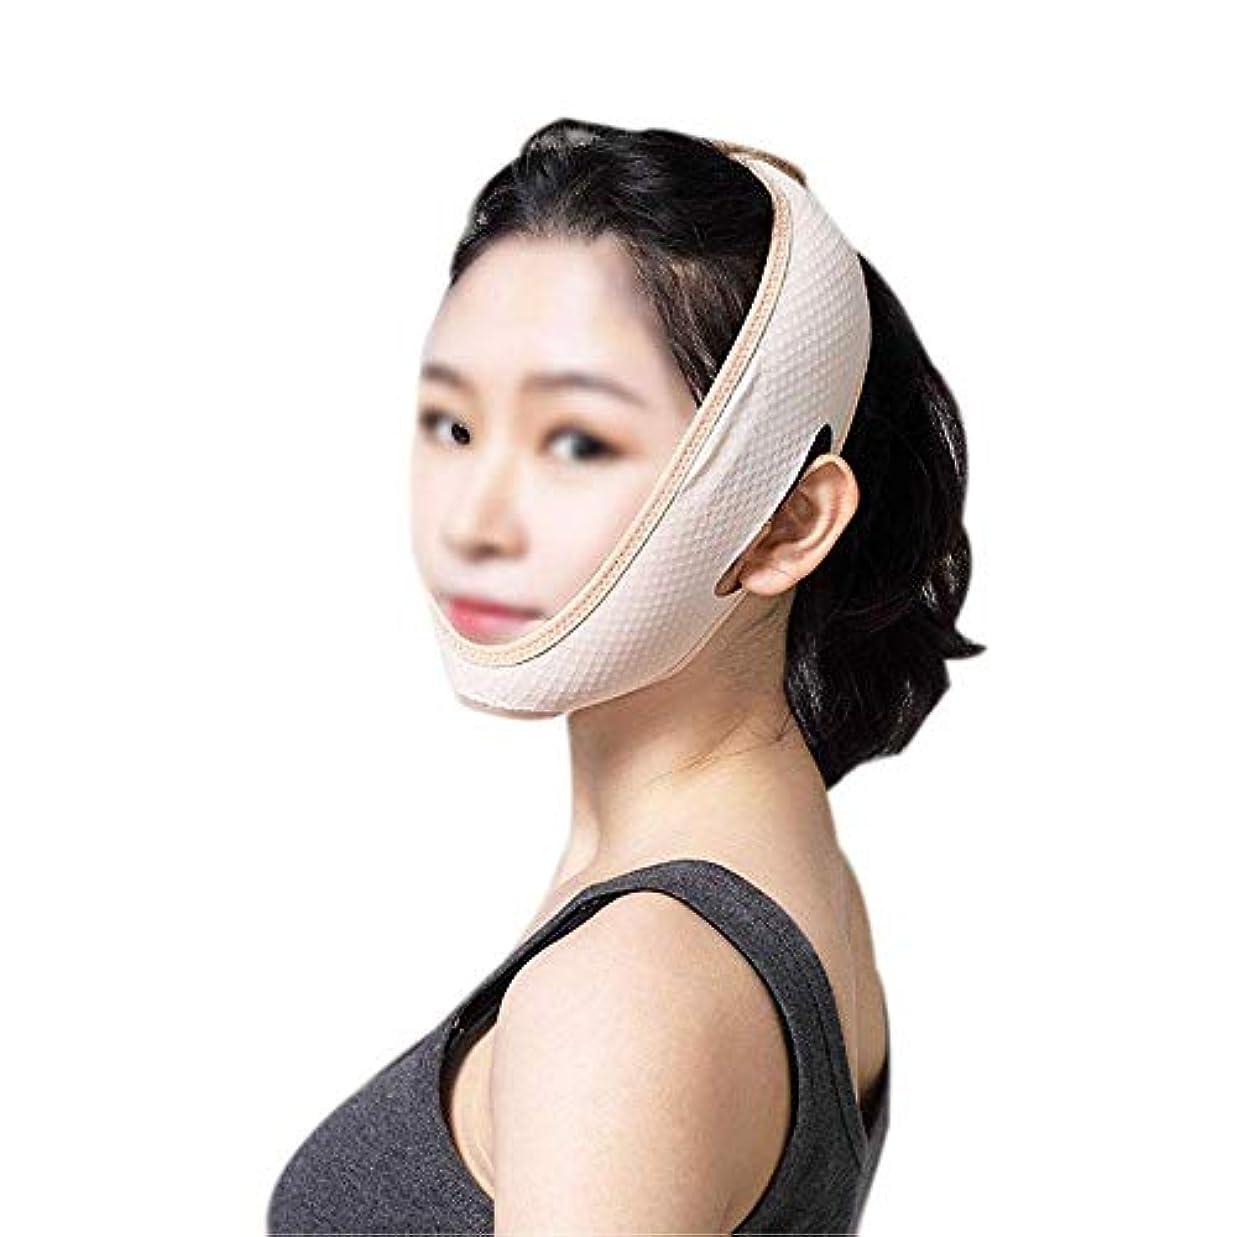 精査する毎年斧フェイスリフティングバンデージ、肌の引き締めを強化する薄いフェイスマスクの睡眠、ダブルチンマスクの削減